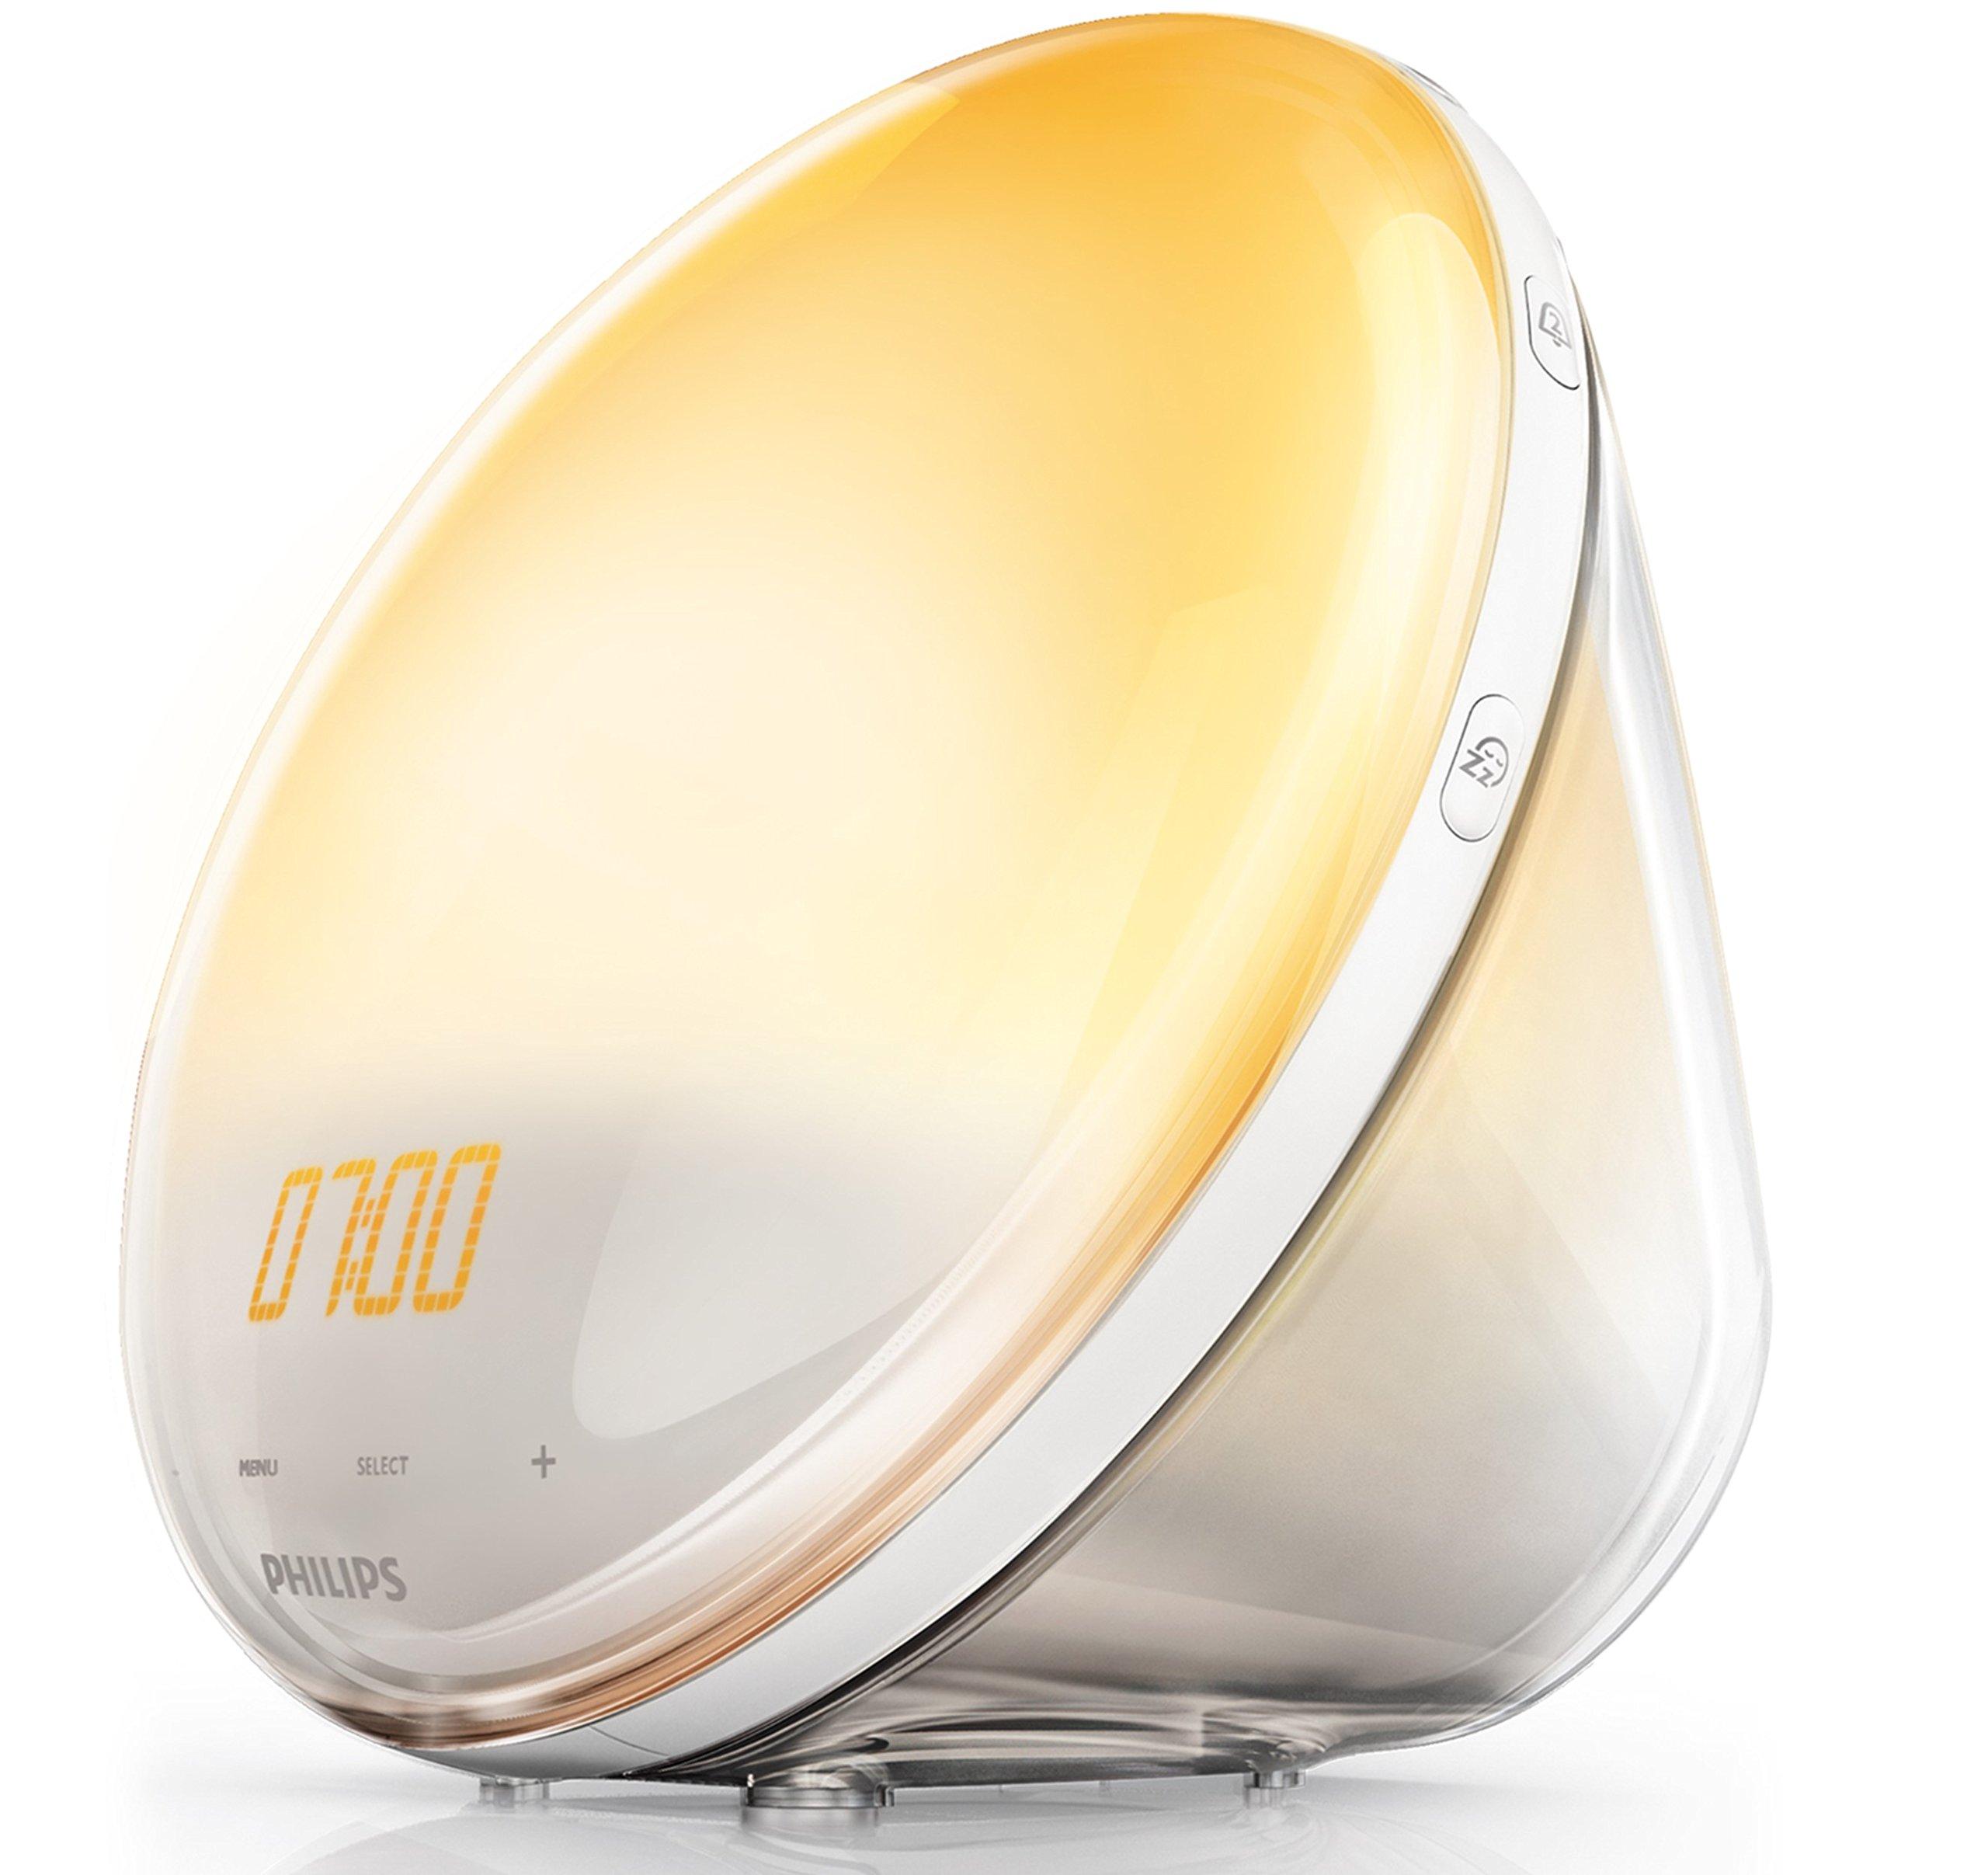 Philips HF3531/01 Wake-Up Light (Sonnenaufgangfunktion, Touchdisplay, 7 Wecktöne, digitales FM Radio, Tageslichtwecker) product image